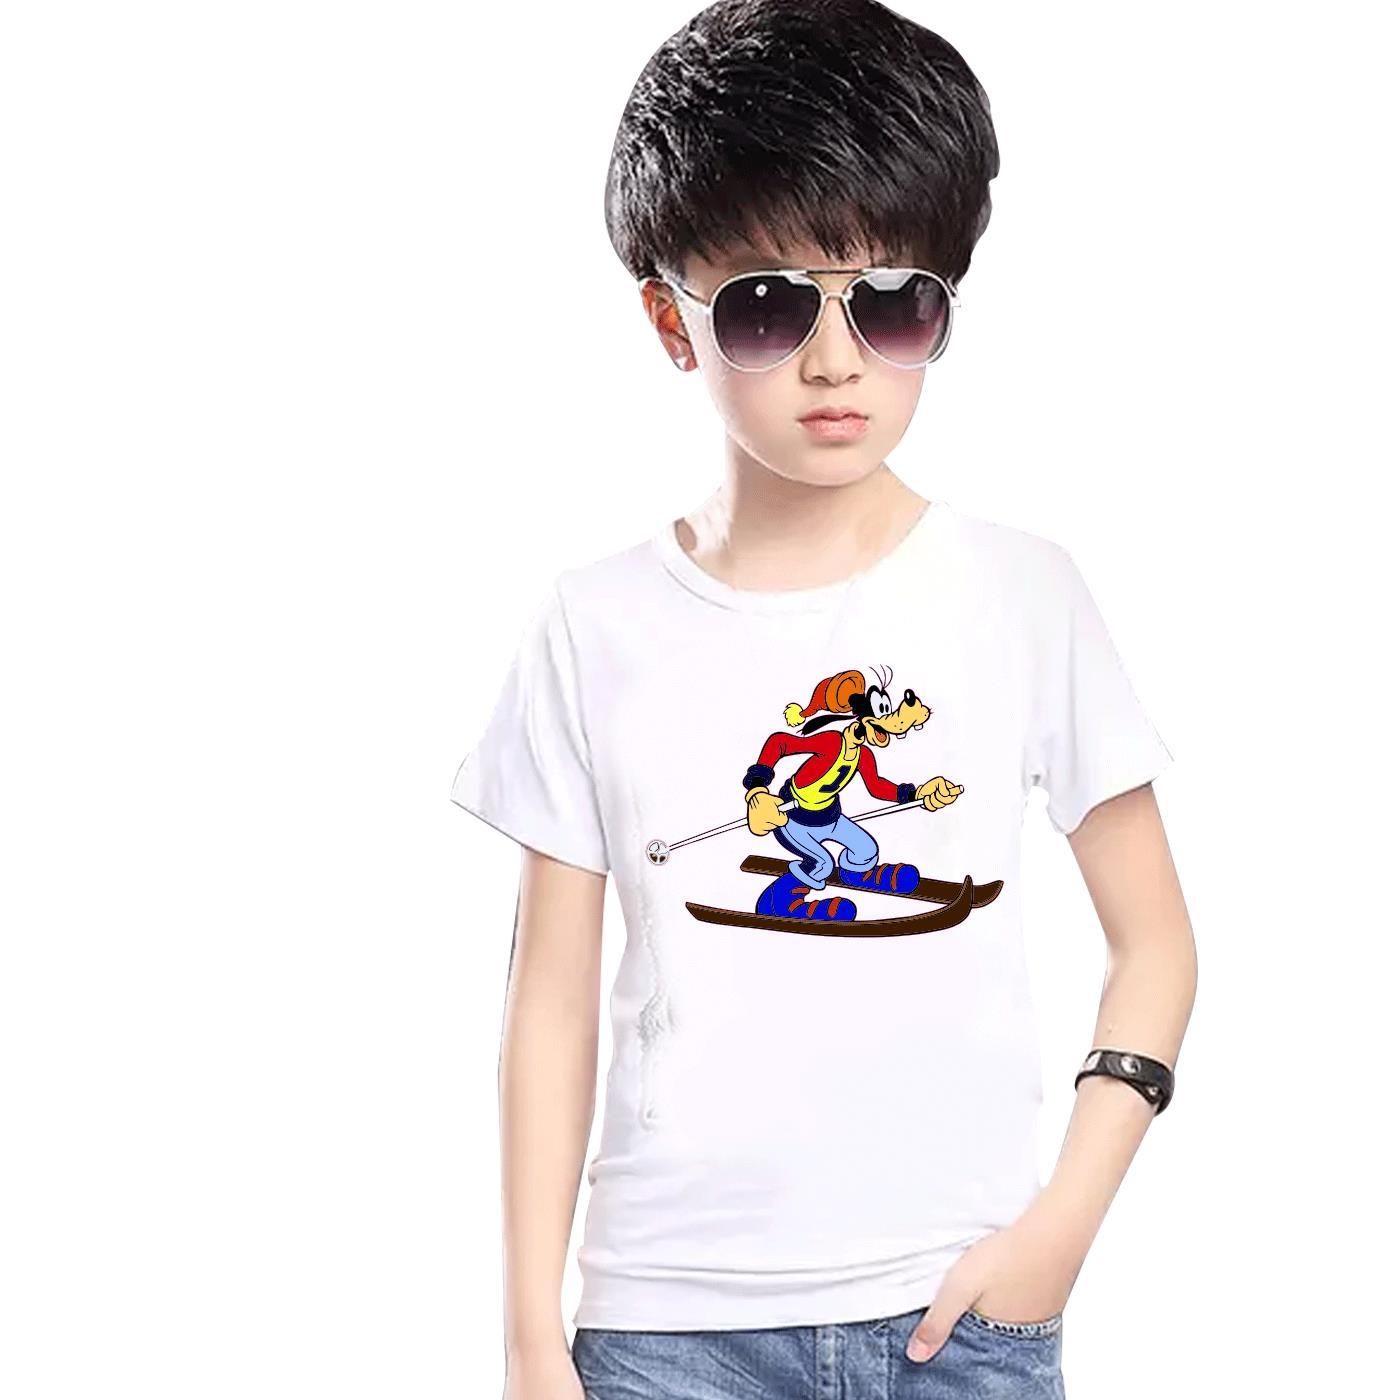 Pippo Pattinaggio Printed T-shirt Bambini Ragazzi Ragazze Tee Top Bambini Festa Estiva 5339- Eccellente Nell'Effetto Cuscino